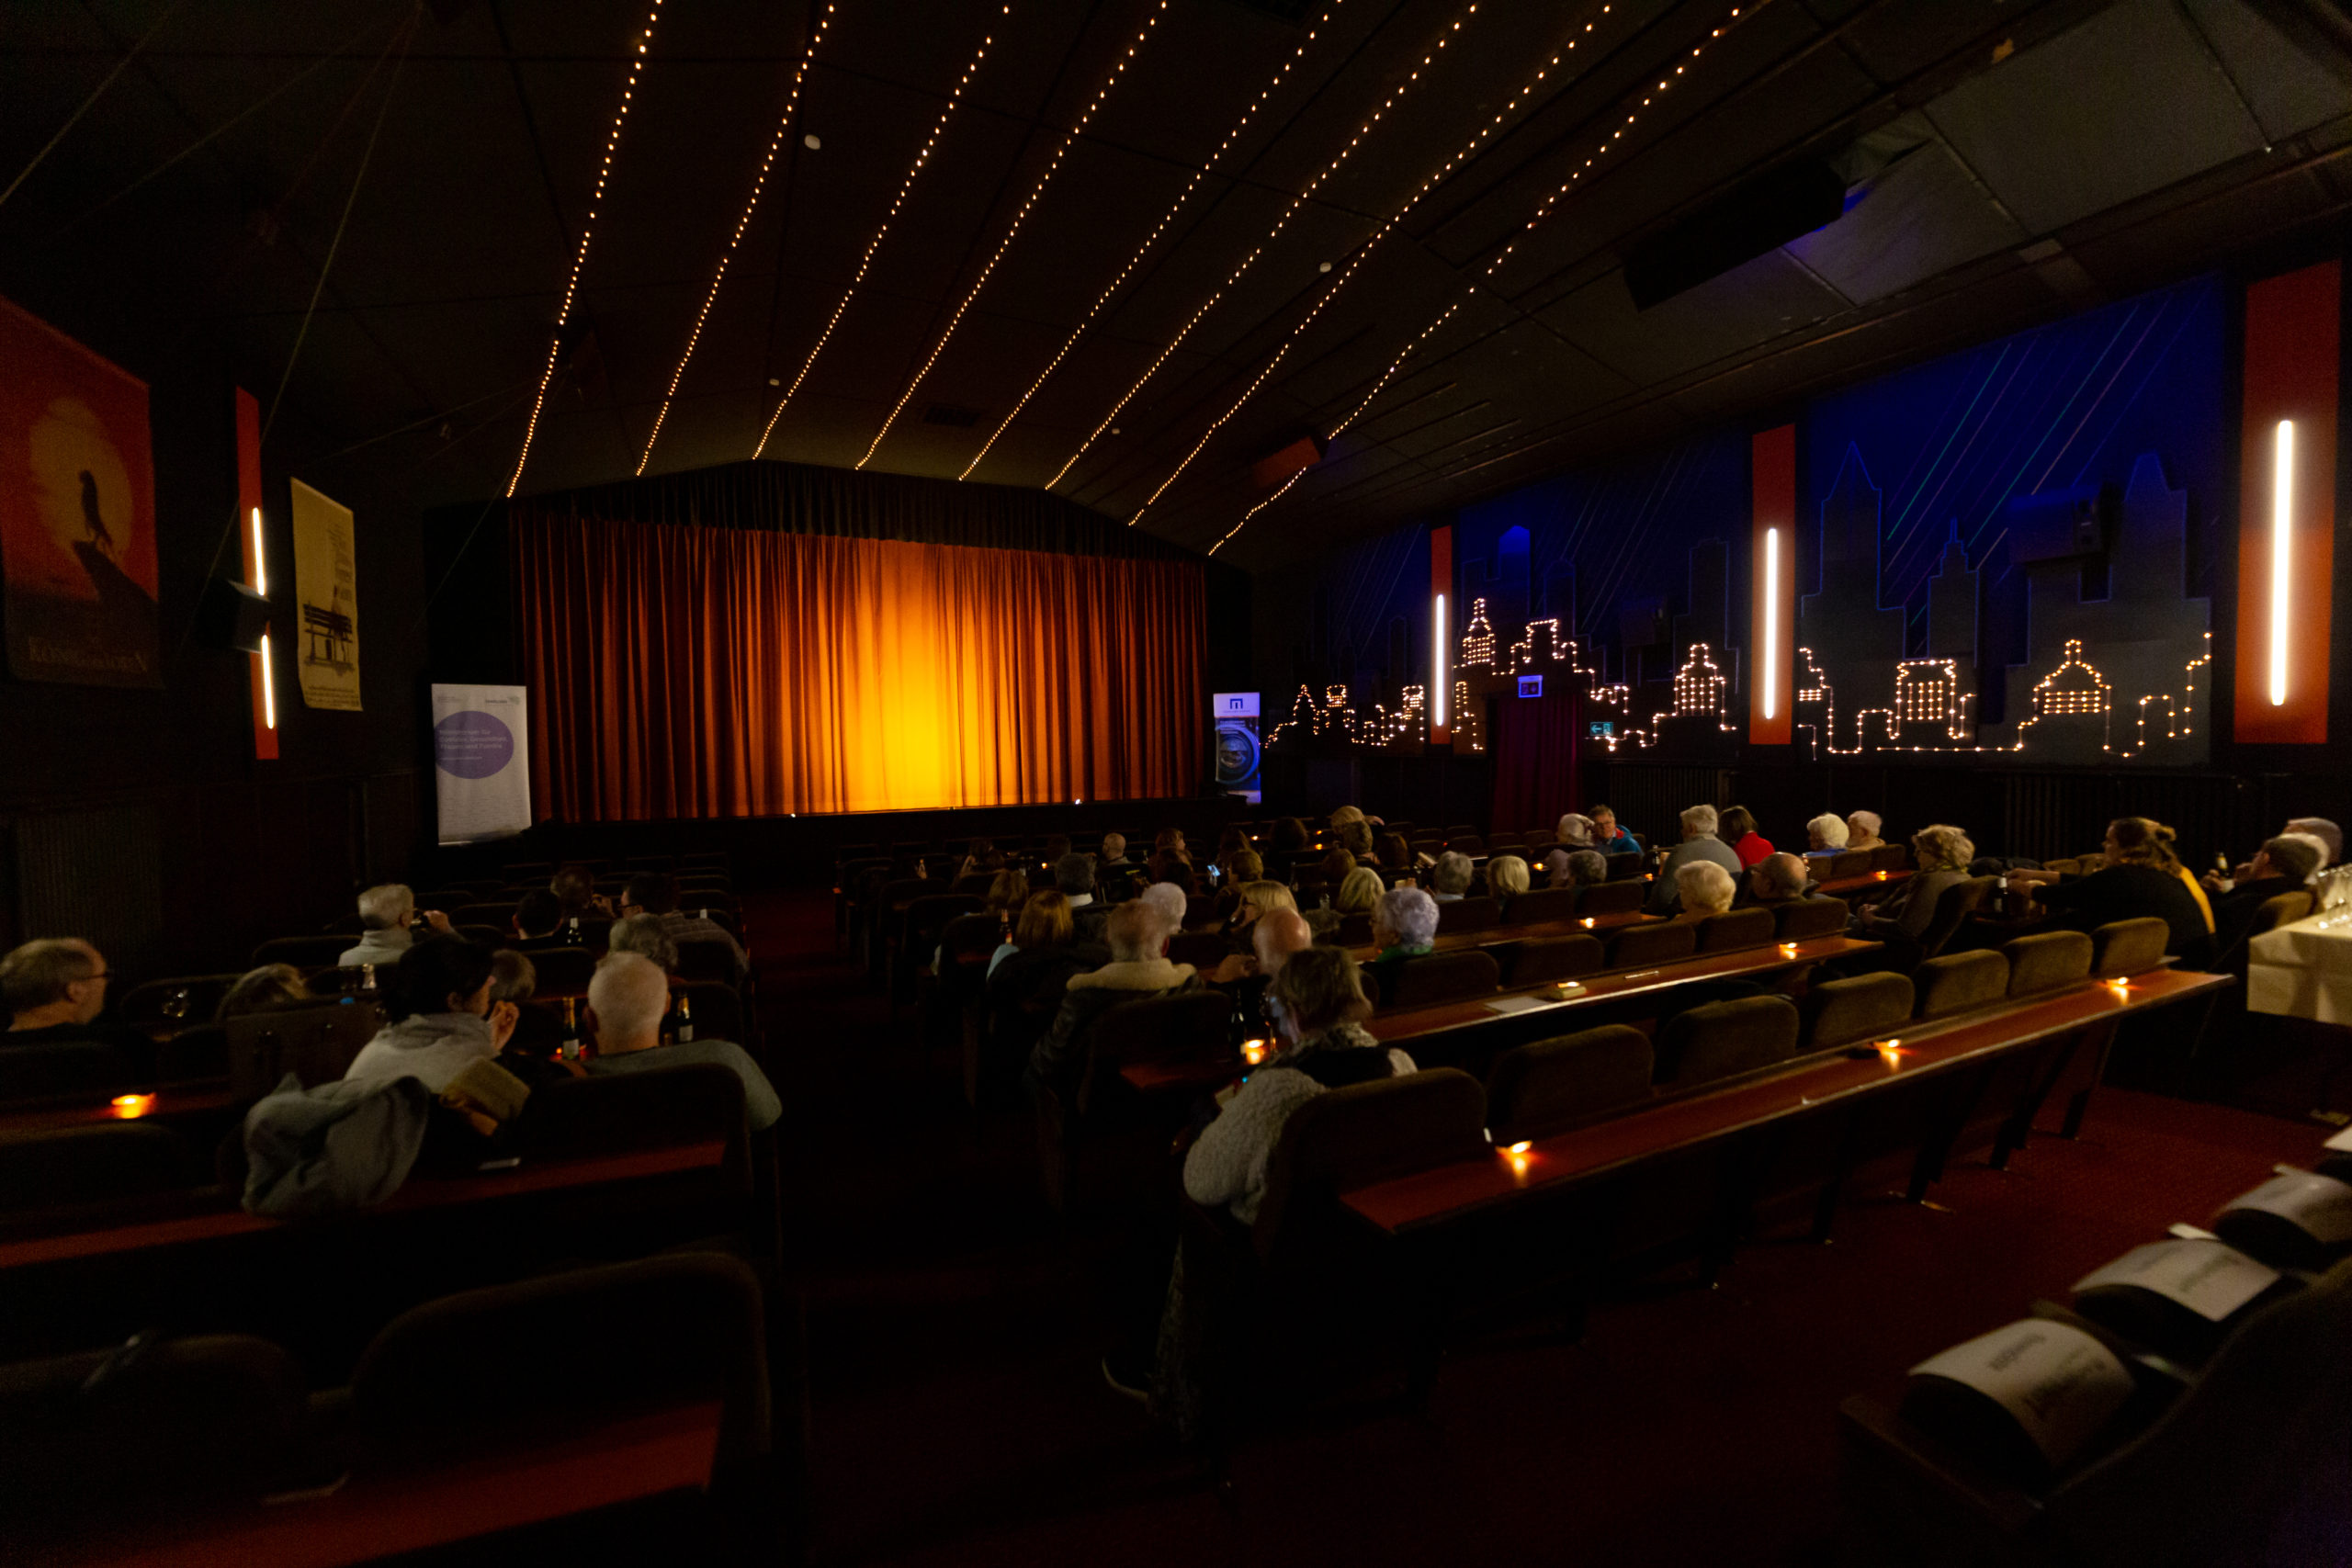 Kino Saarland